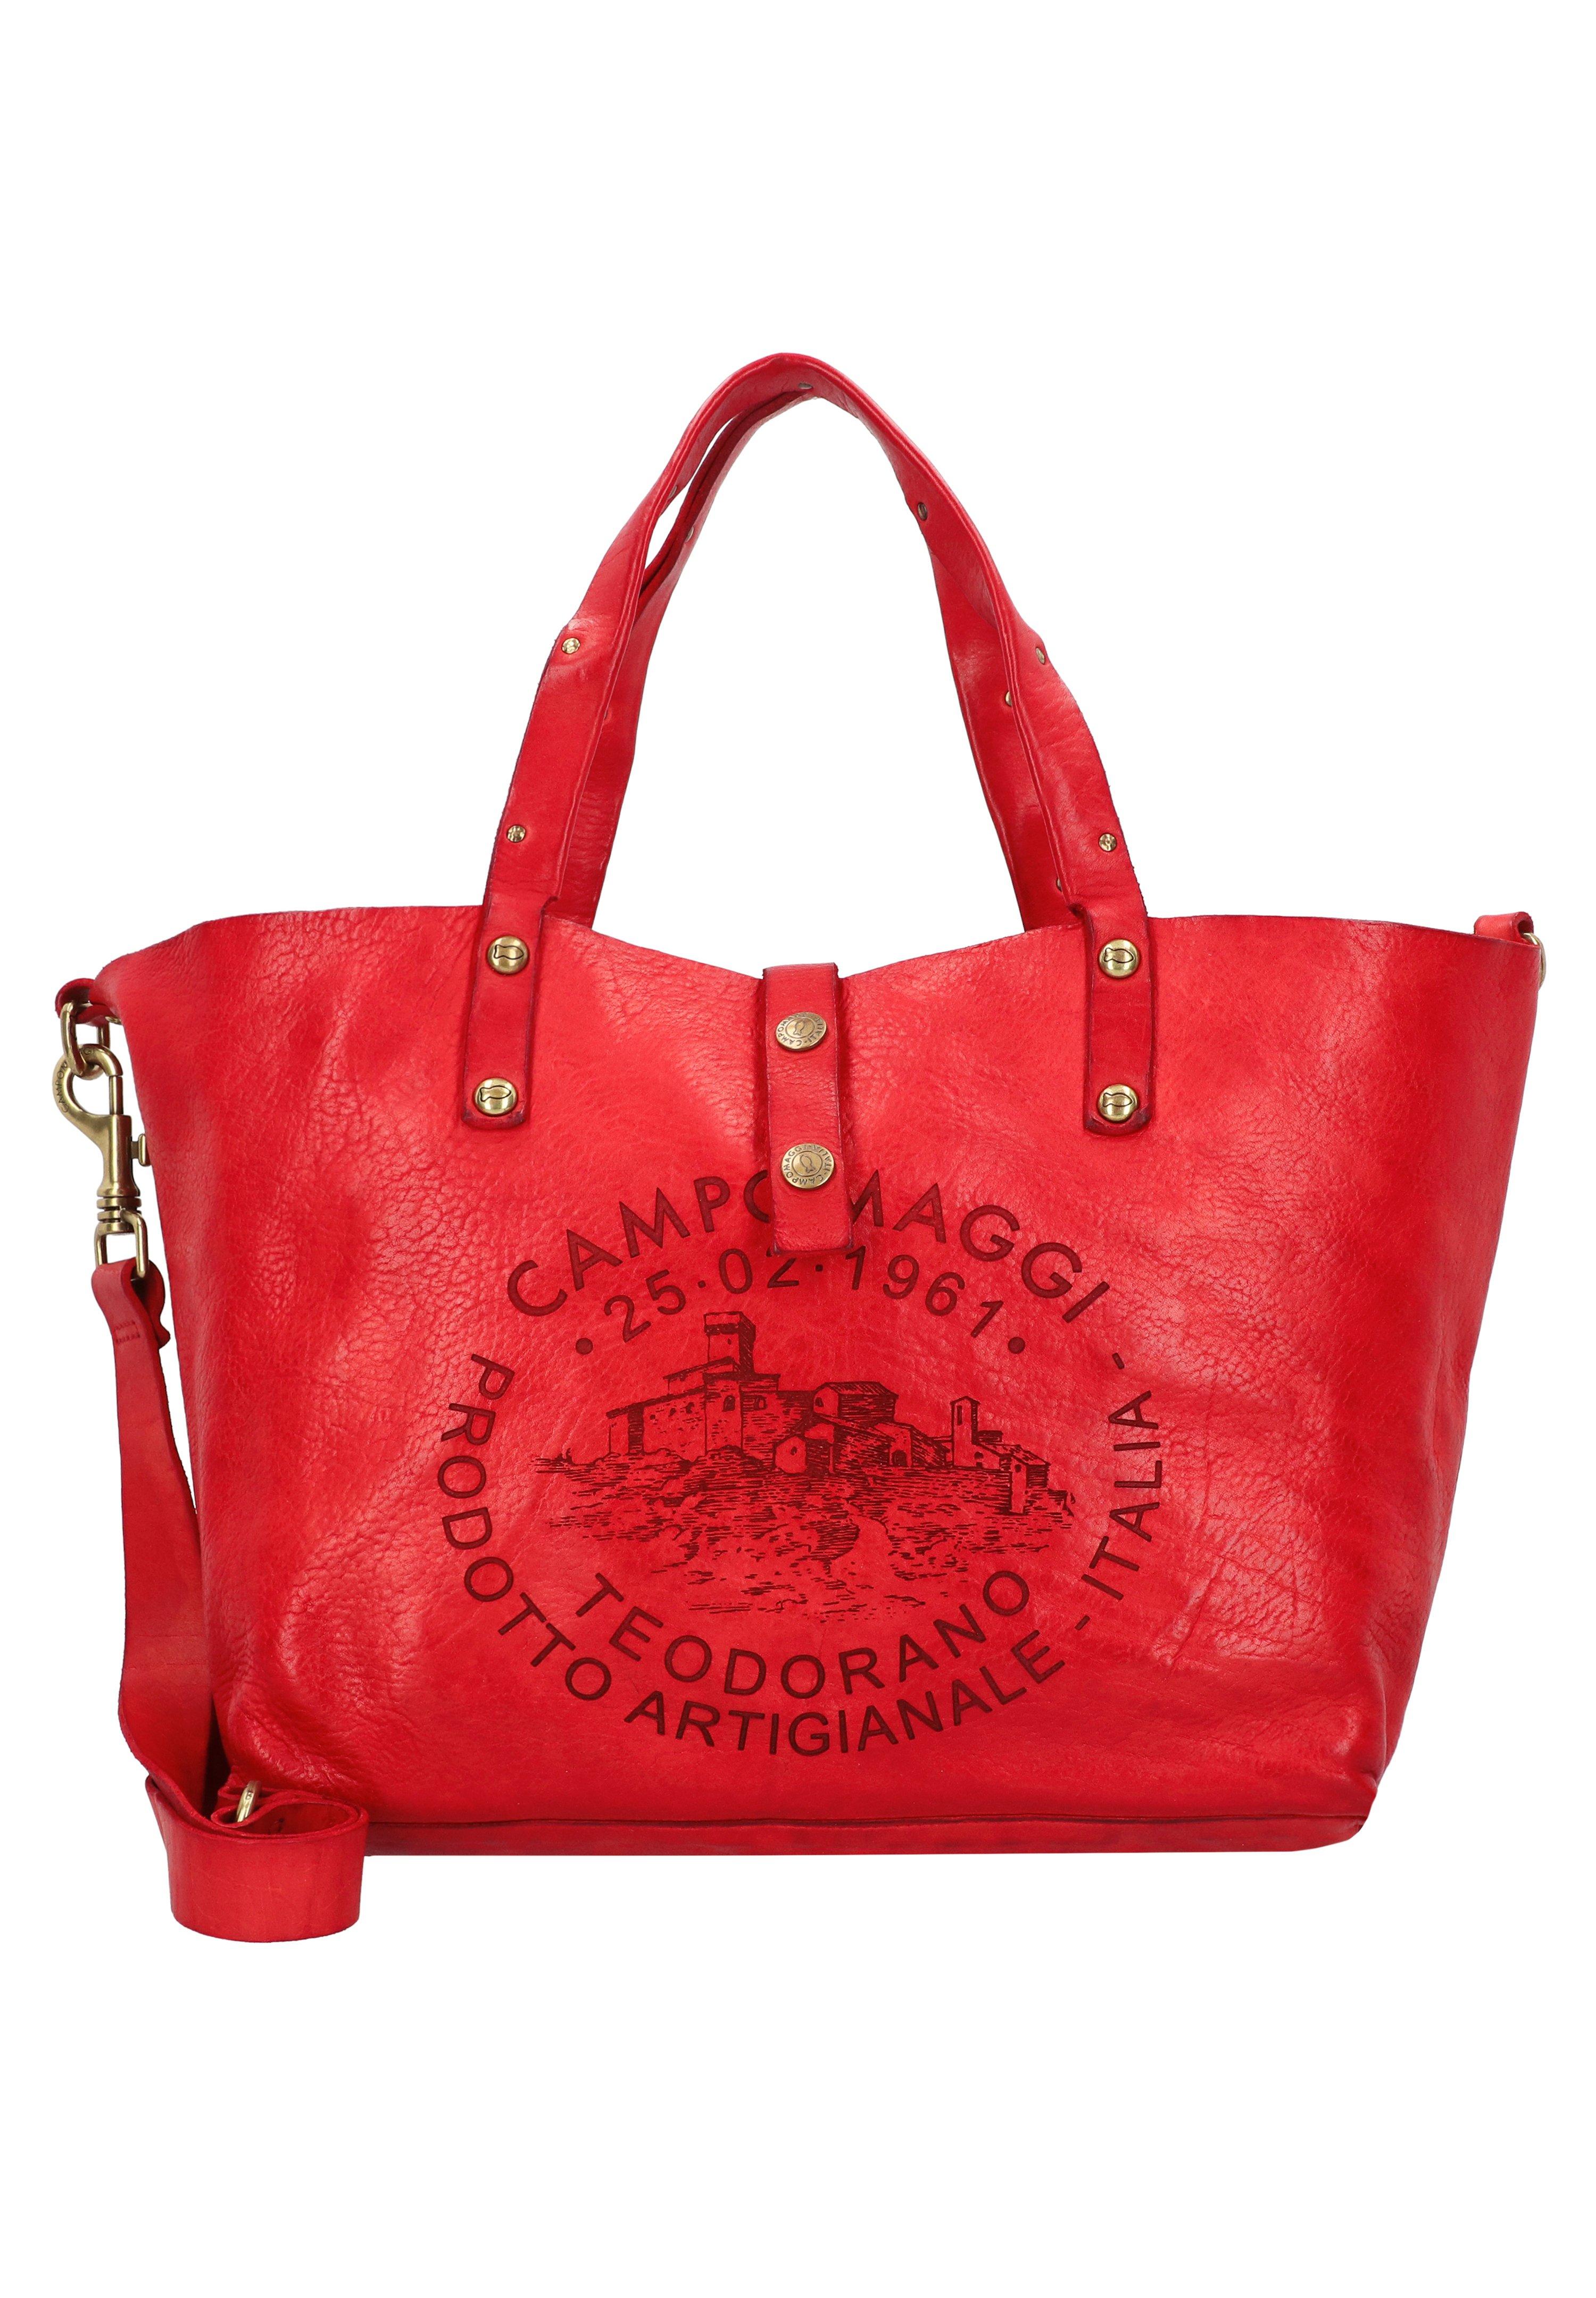 Campomaggi Shopping Bag - Nero/anthrazit